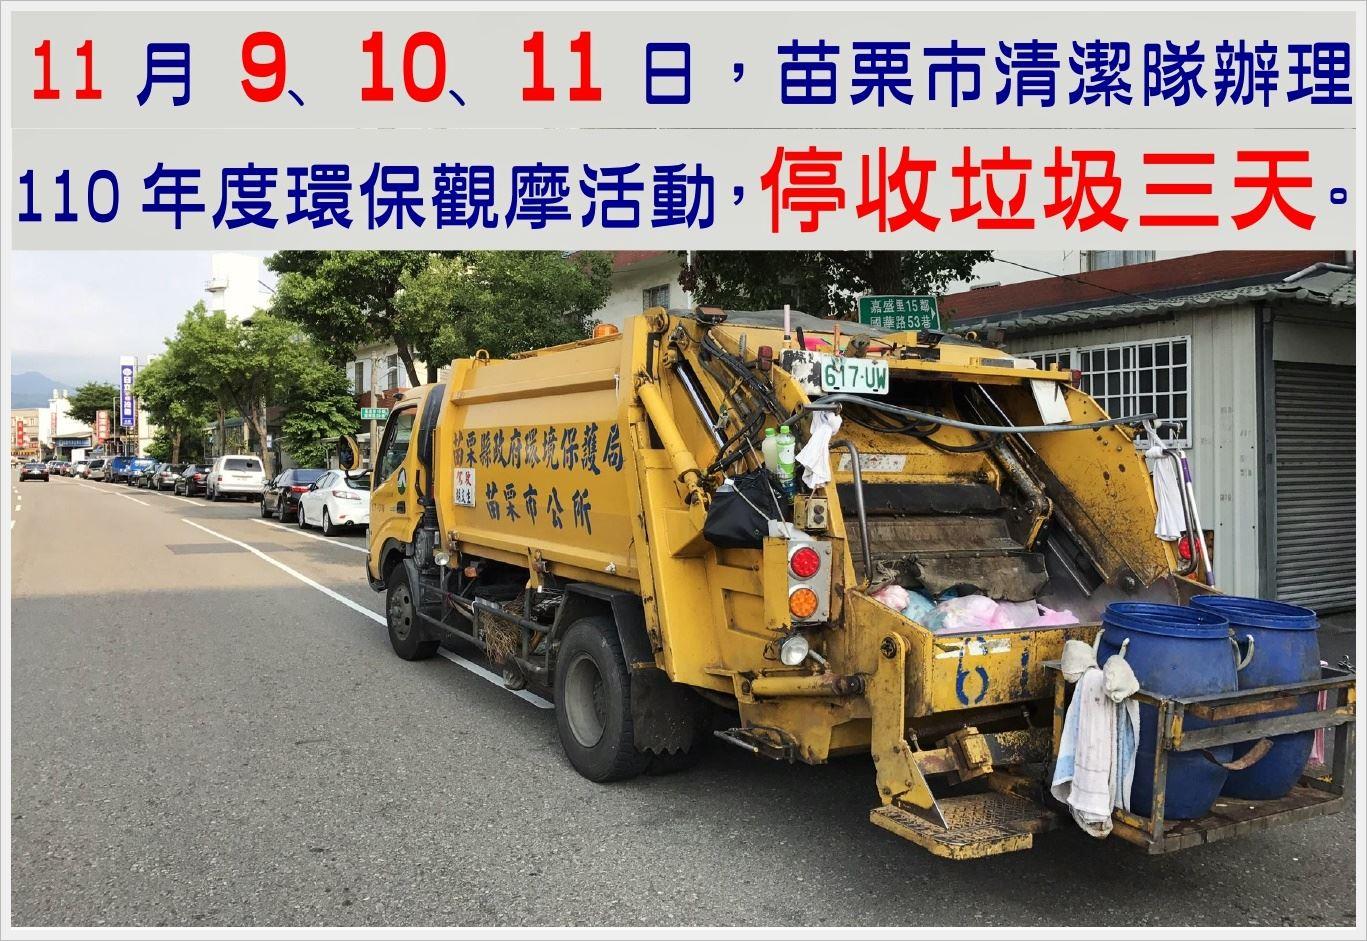 苗栗市清潔隊11月9、10、11辦理110年度環保觀摩活動,停收垃圾三天